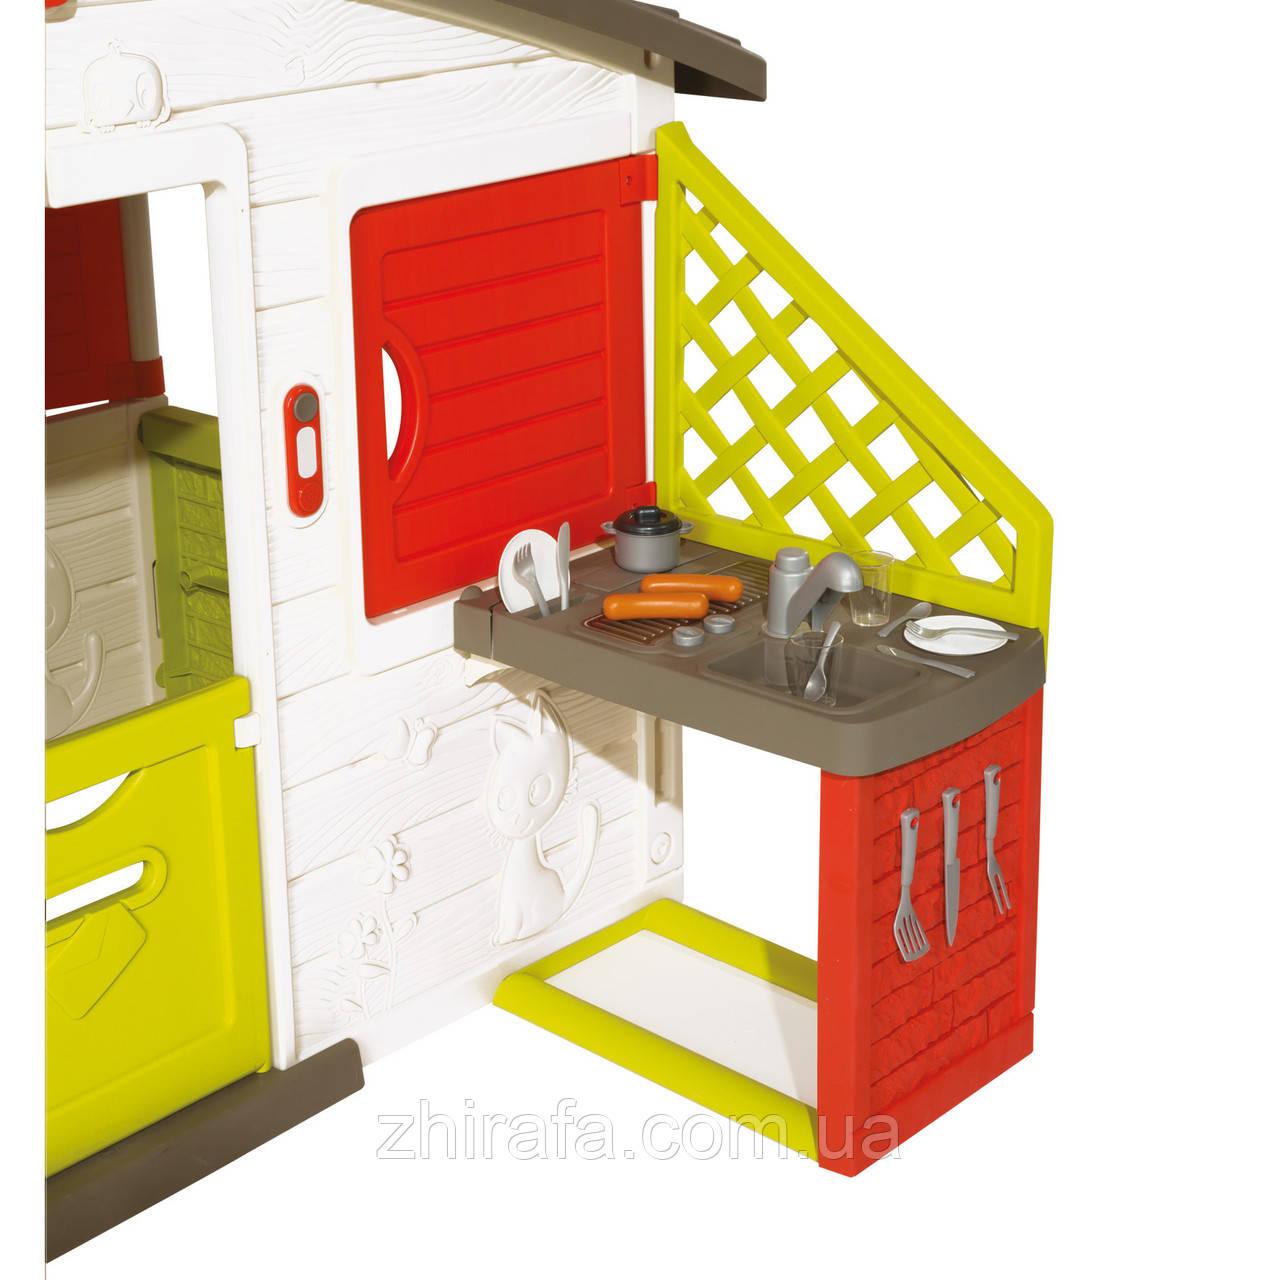 Детский домик с кухней